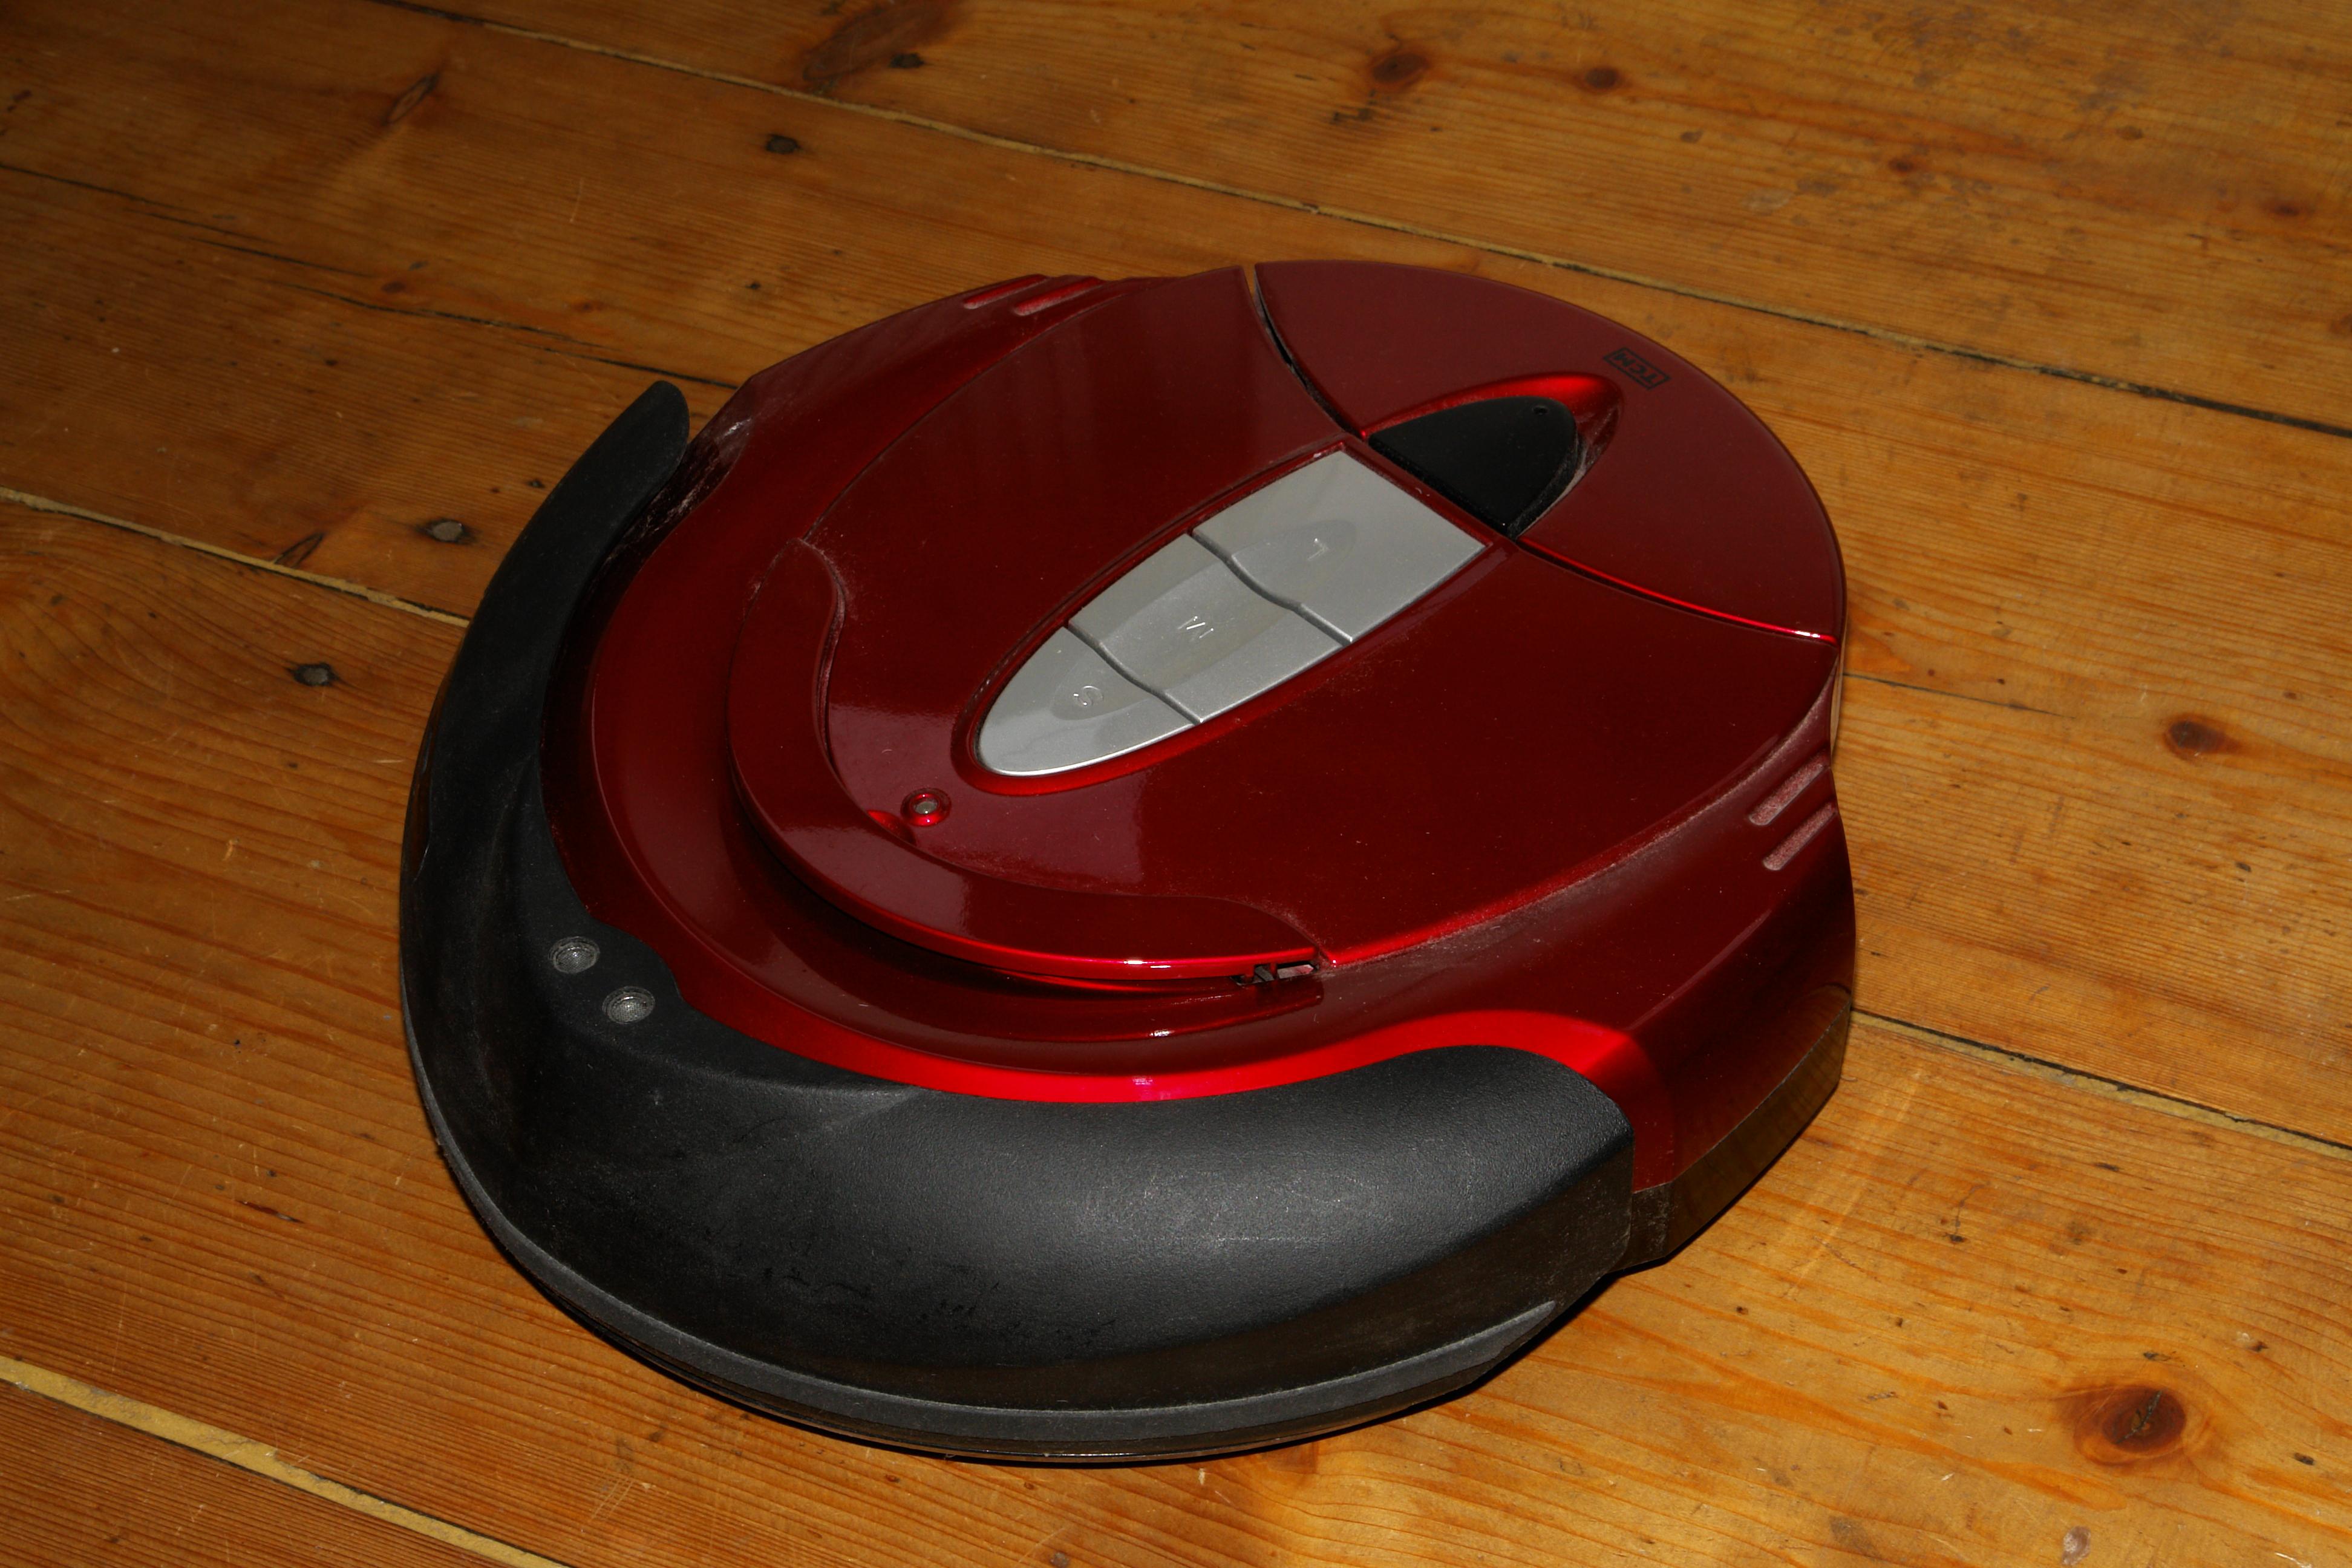 Robotic vacuum cleaner - Wikipedia